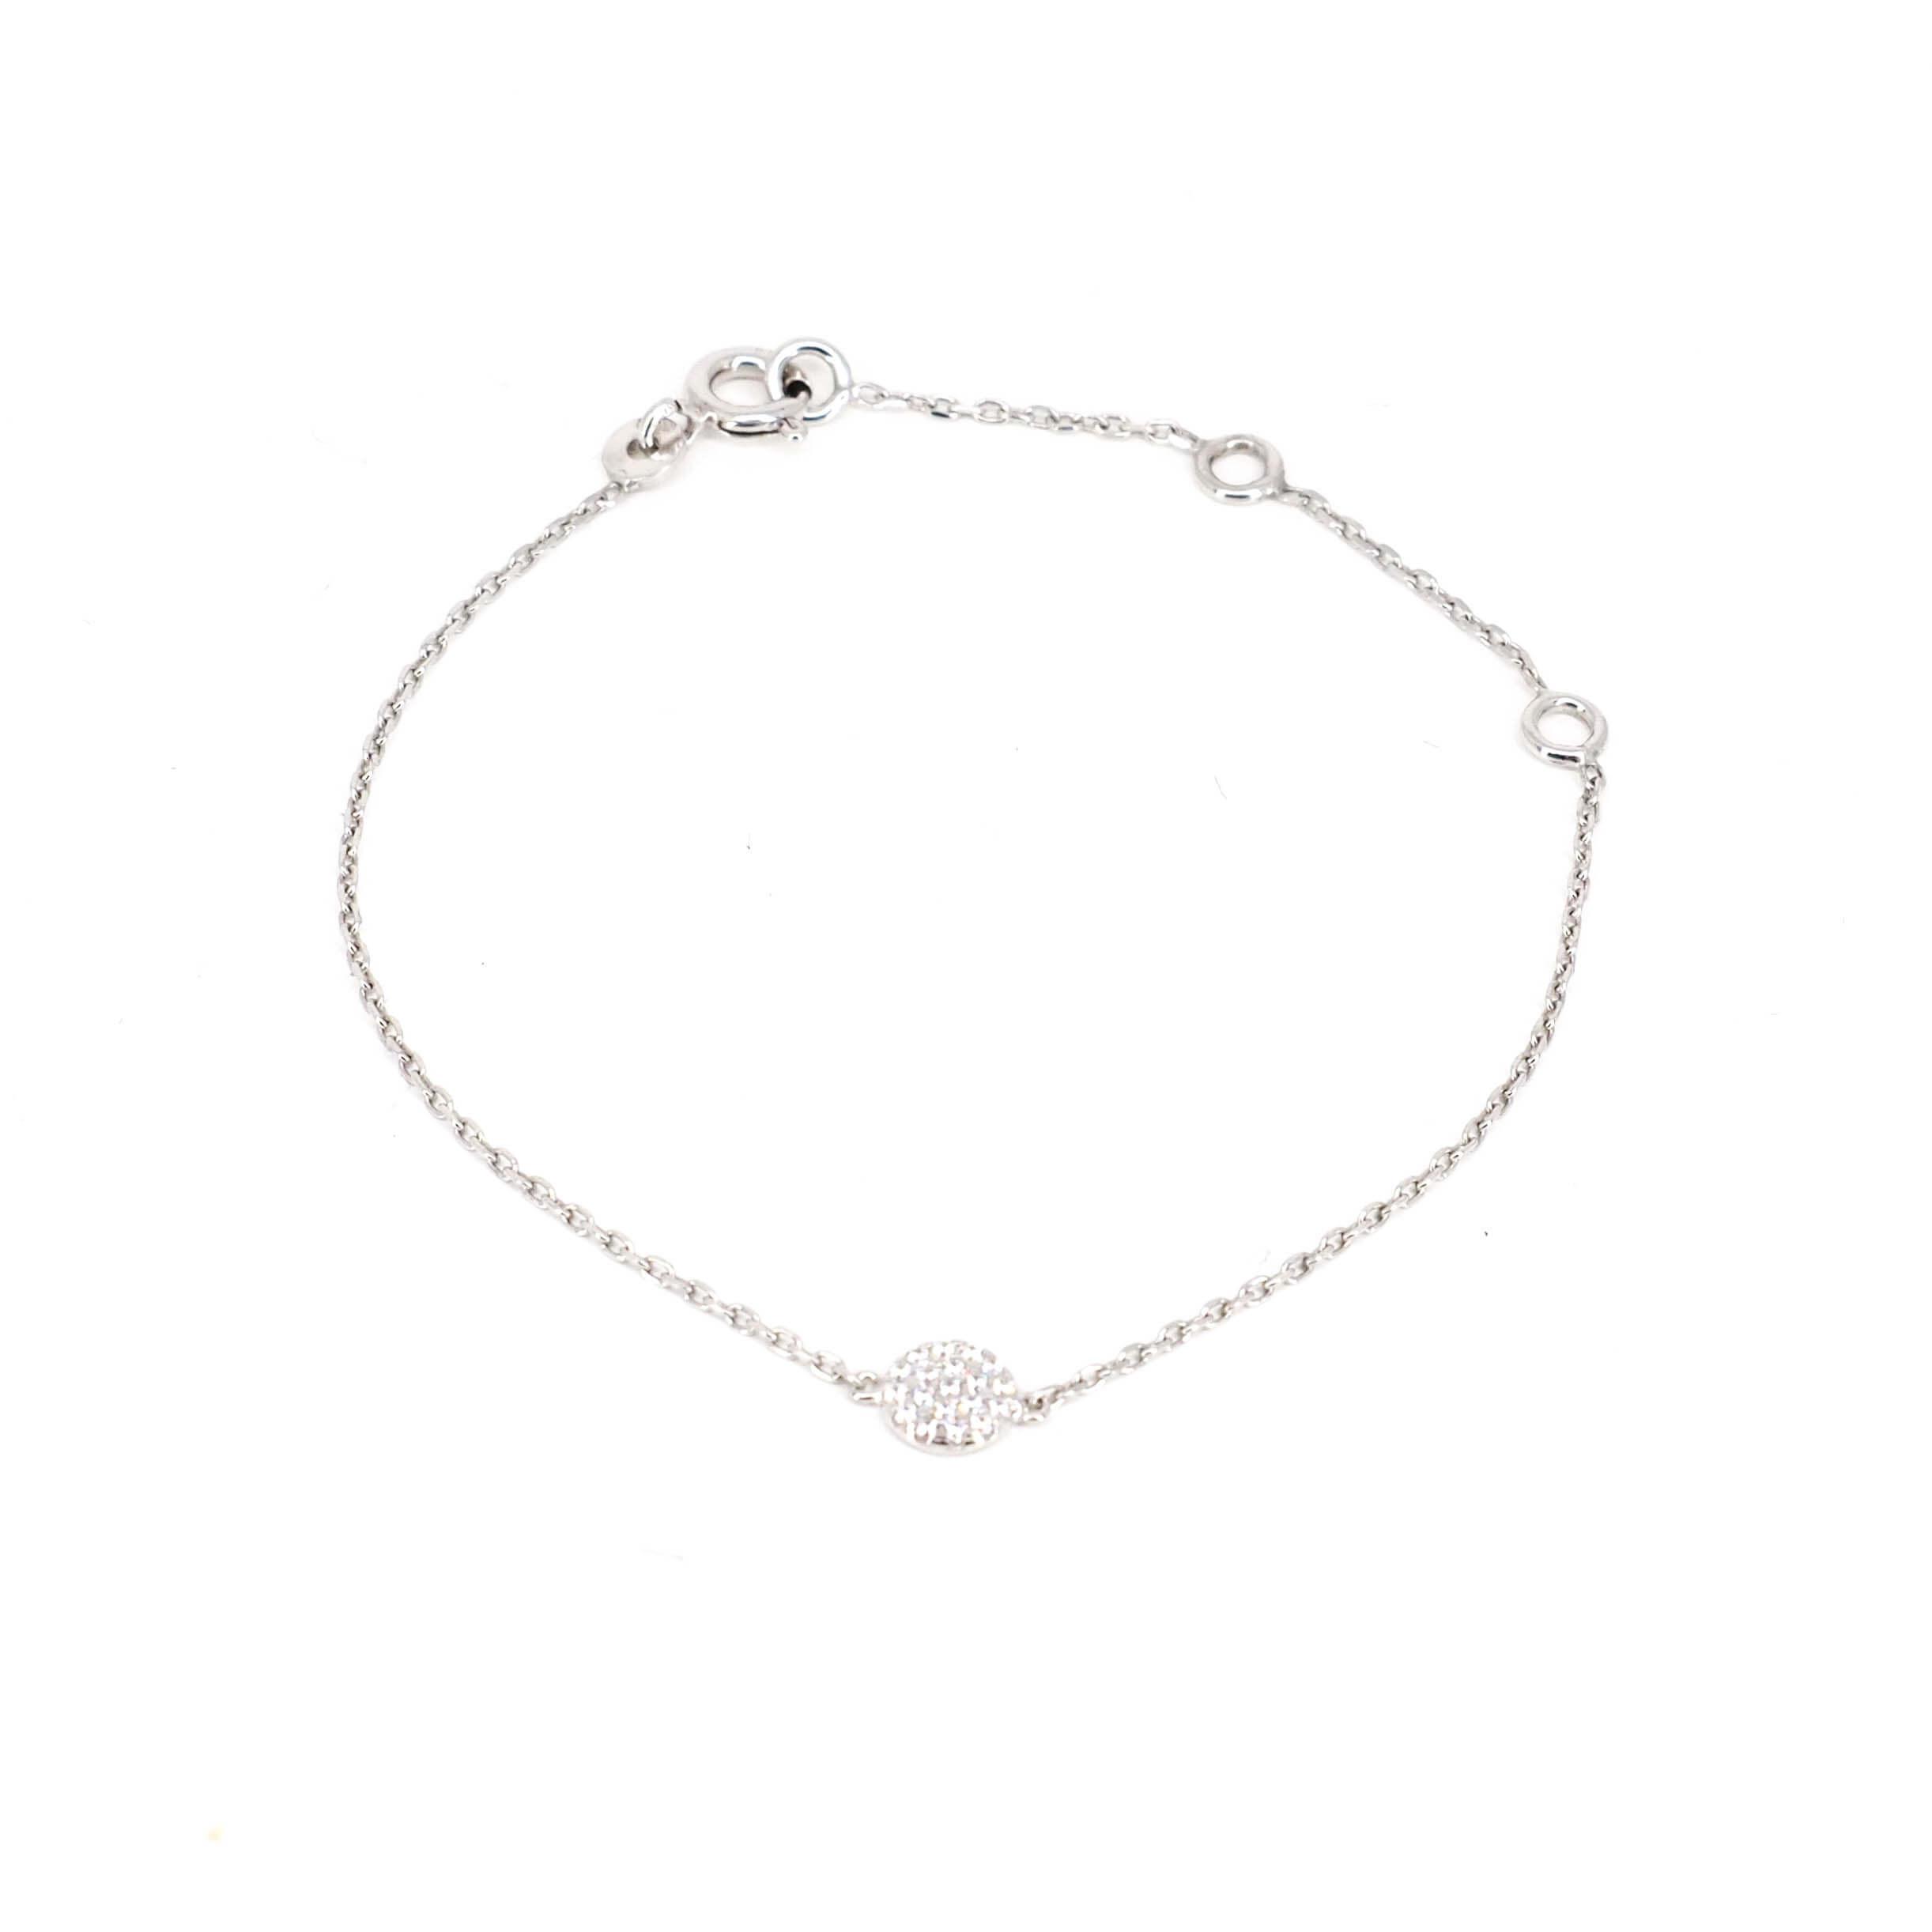 Bracelet shiny blanc en argent - Pomme Cannelle